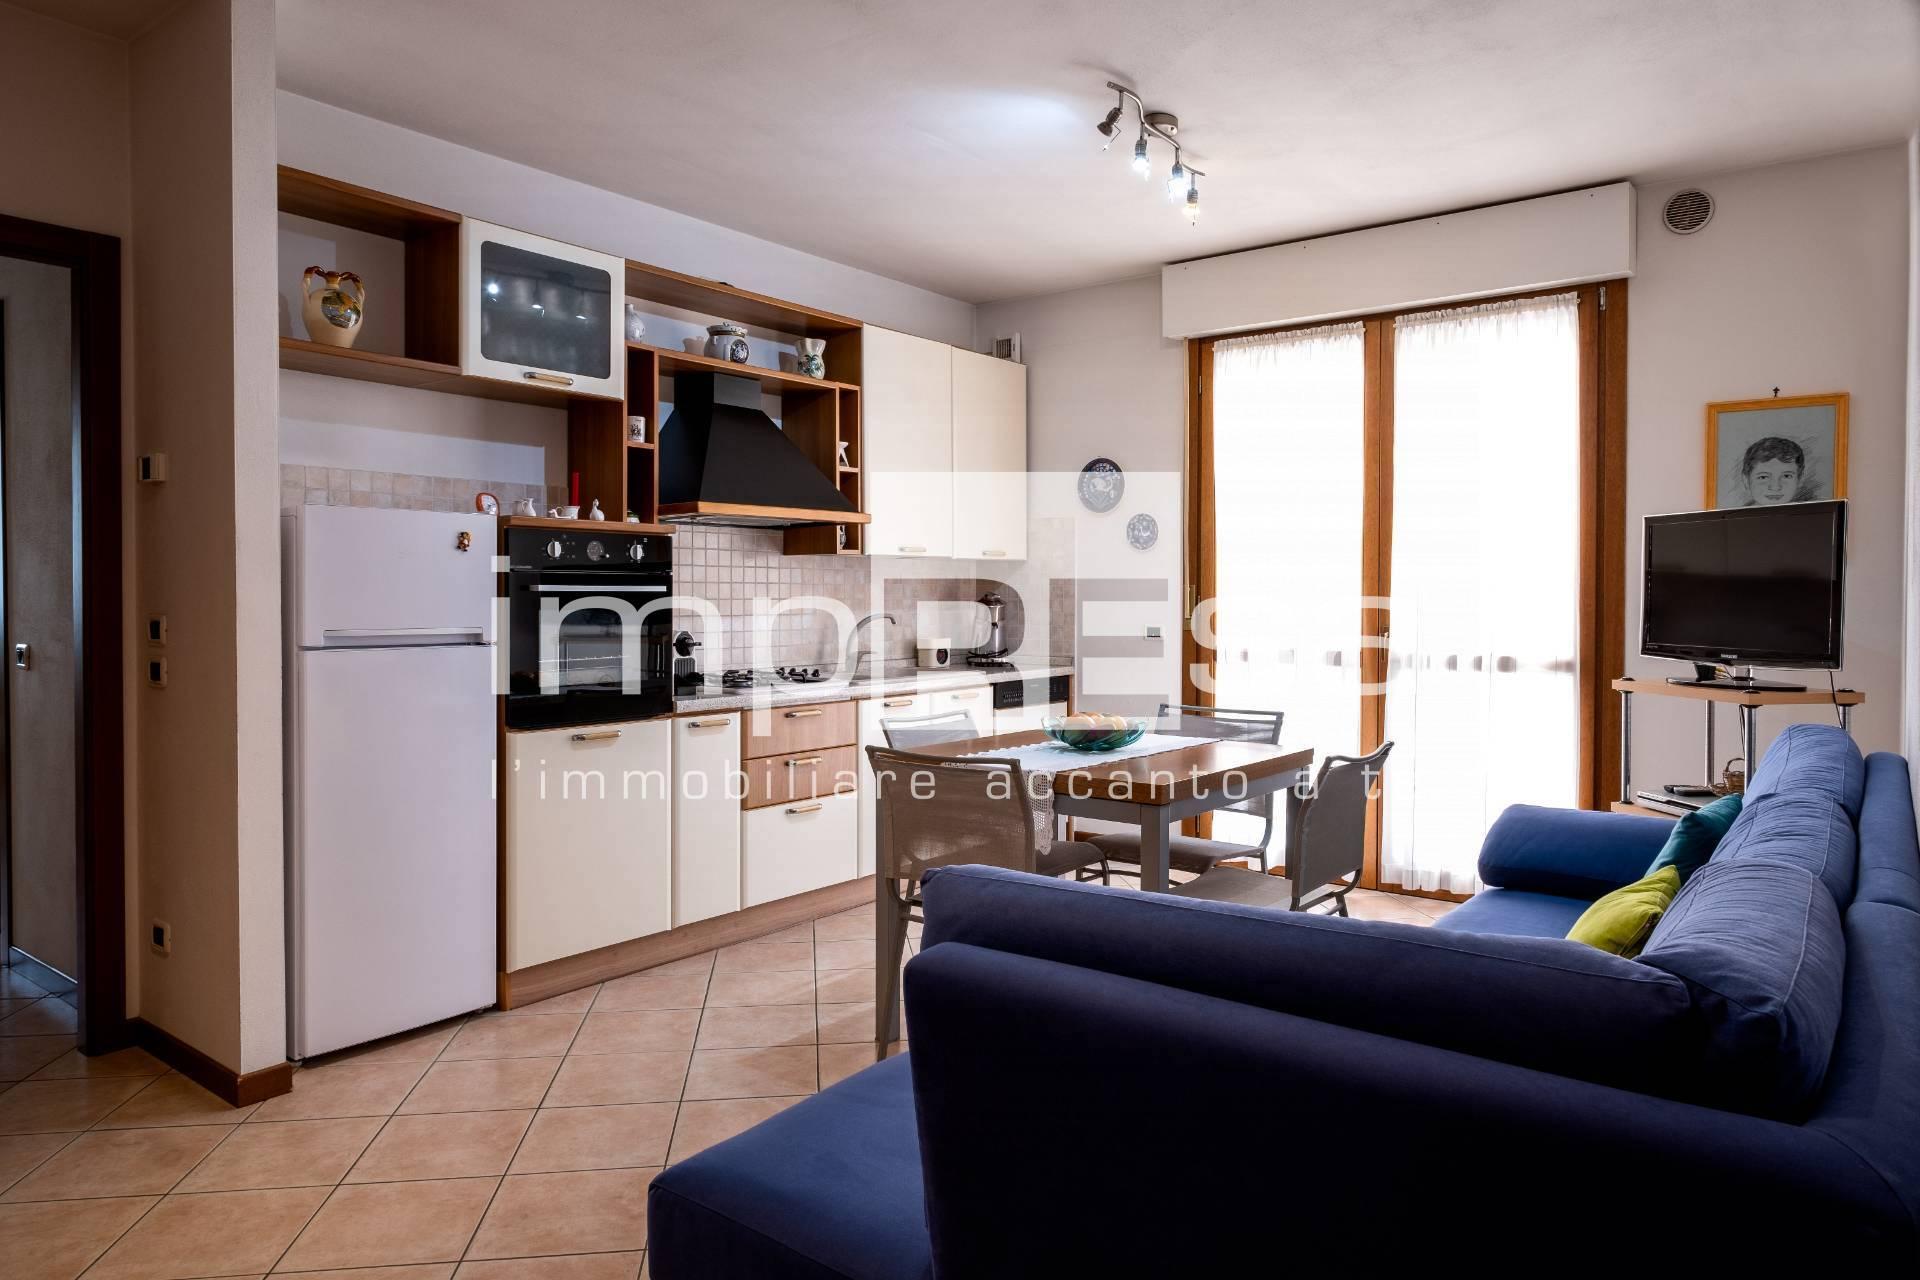 Appartamento in vendita a San Biagio di Callalta, 3 locali, zona Località: Centro, prezzo € 110.000 | PortaleAgenzieImmobiliari.it